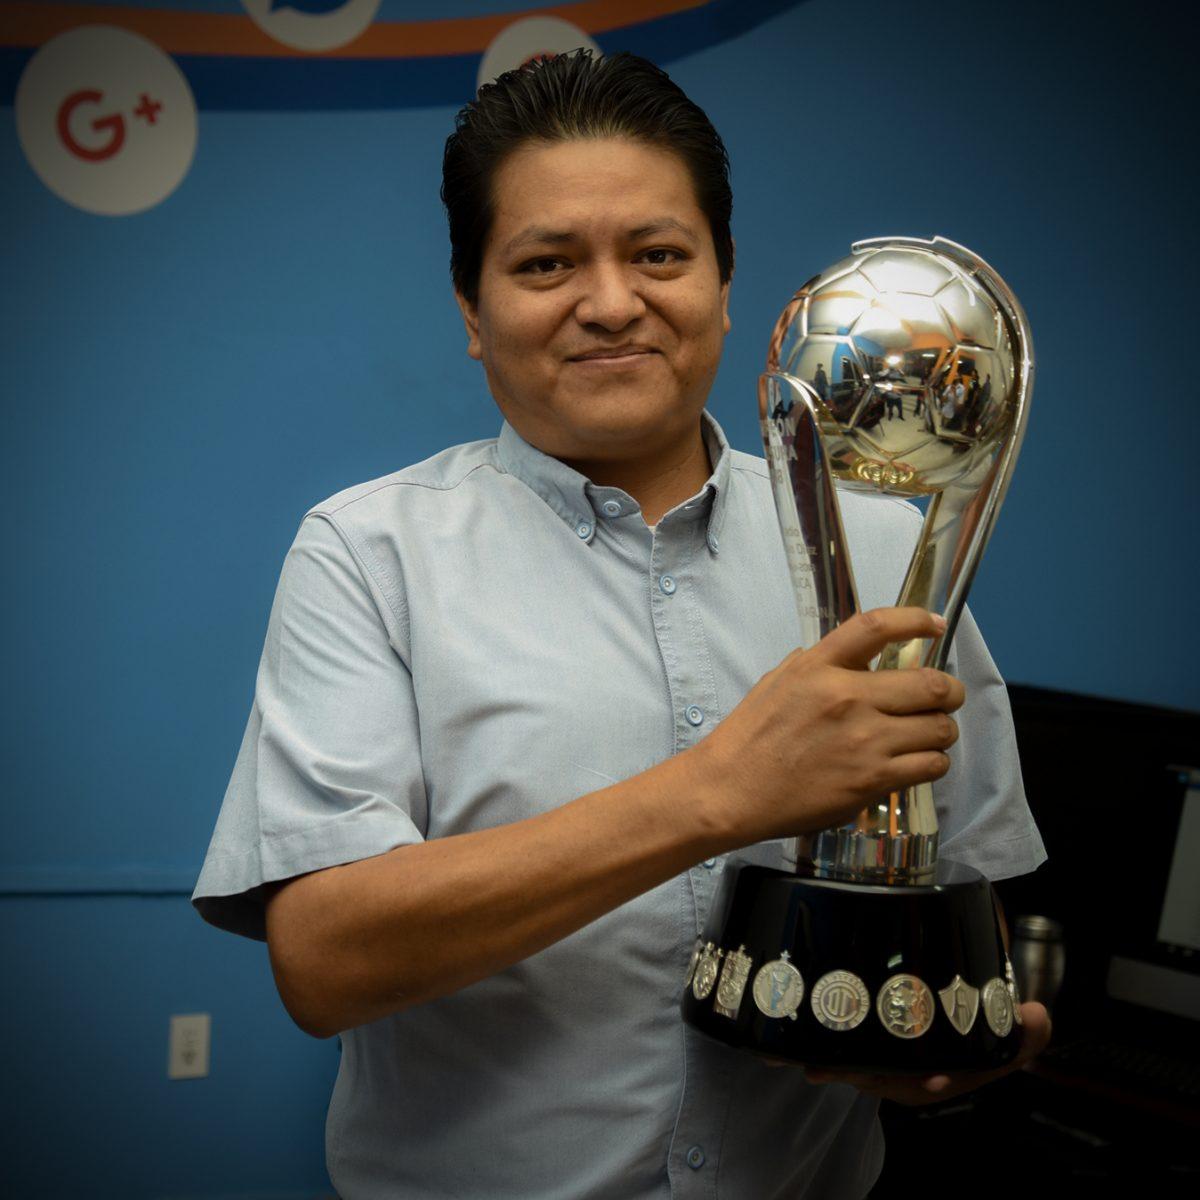 Copa del torneo Clausura 2018 donde Santos Laguna fue campeón